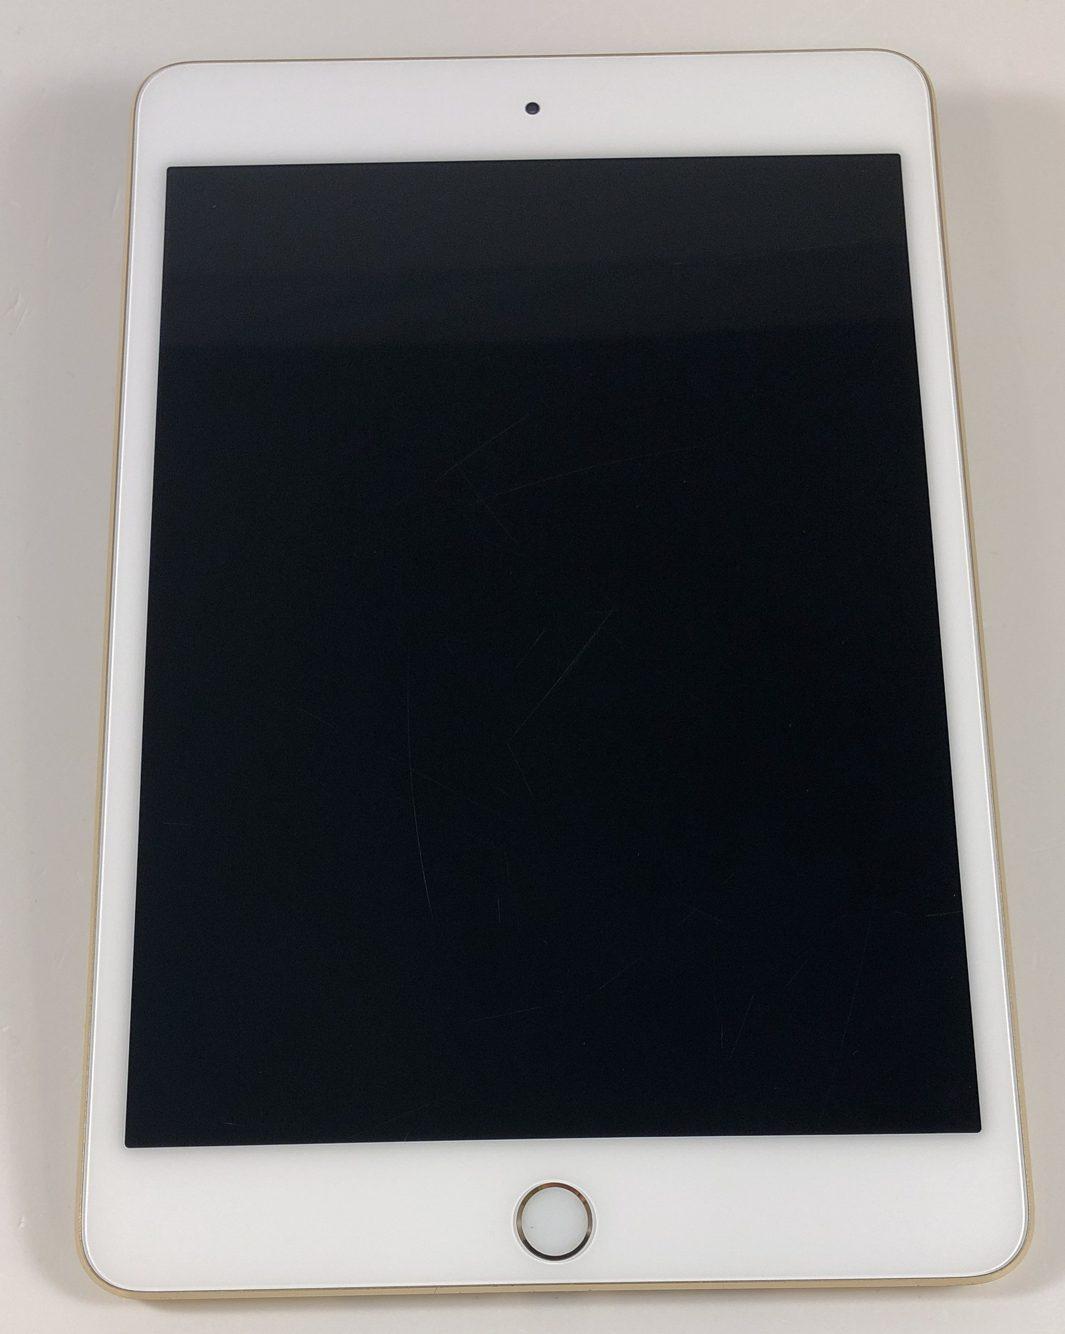 iPad mini 4 Wi-Fi 16GB, 16GB, Gold, imagen 1